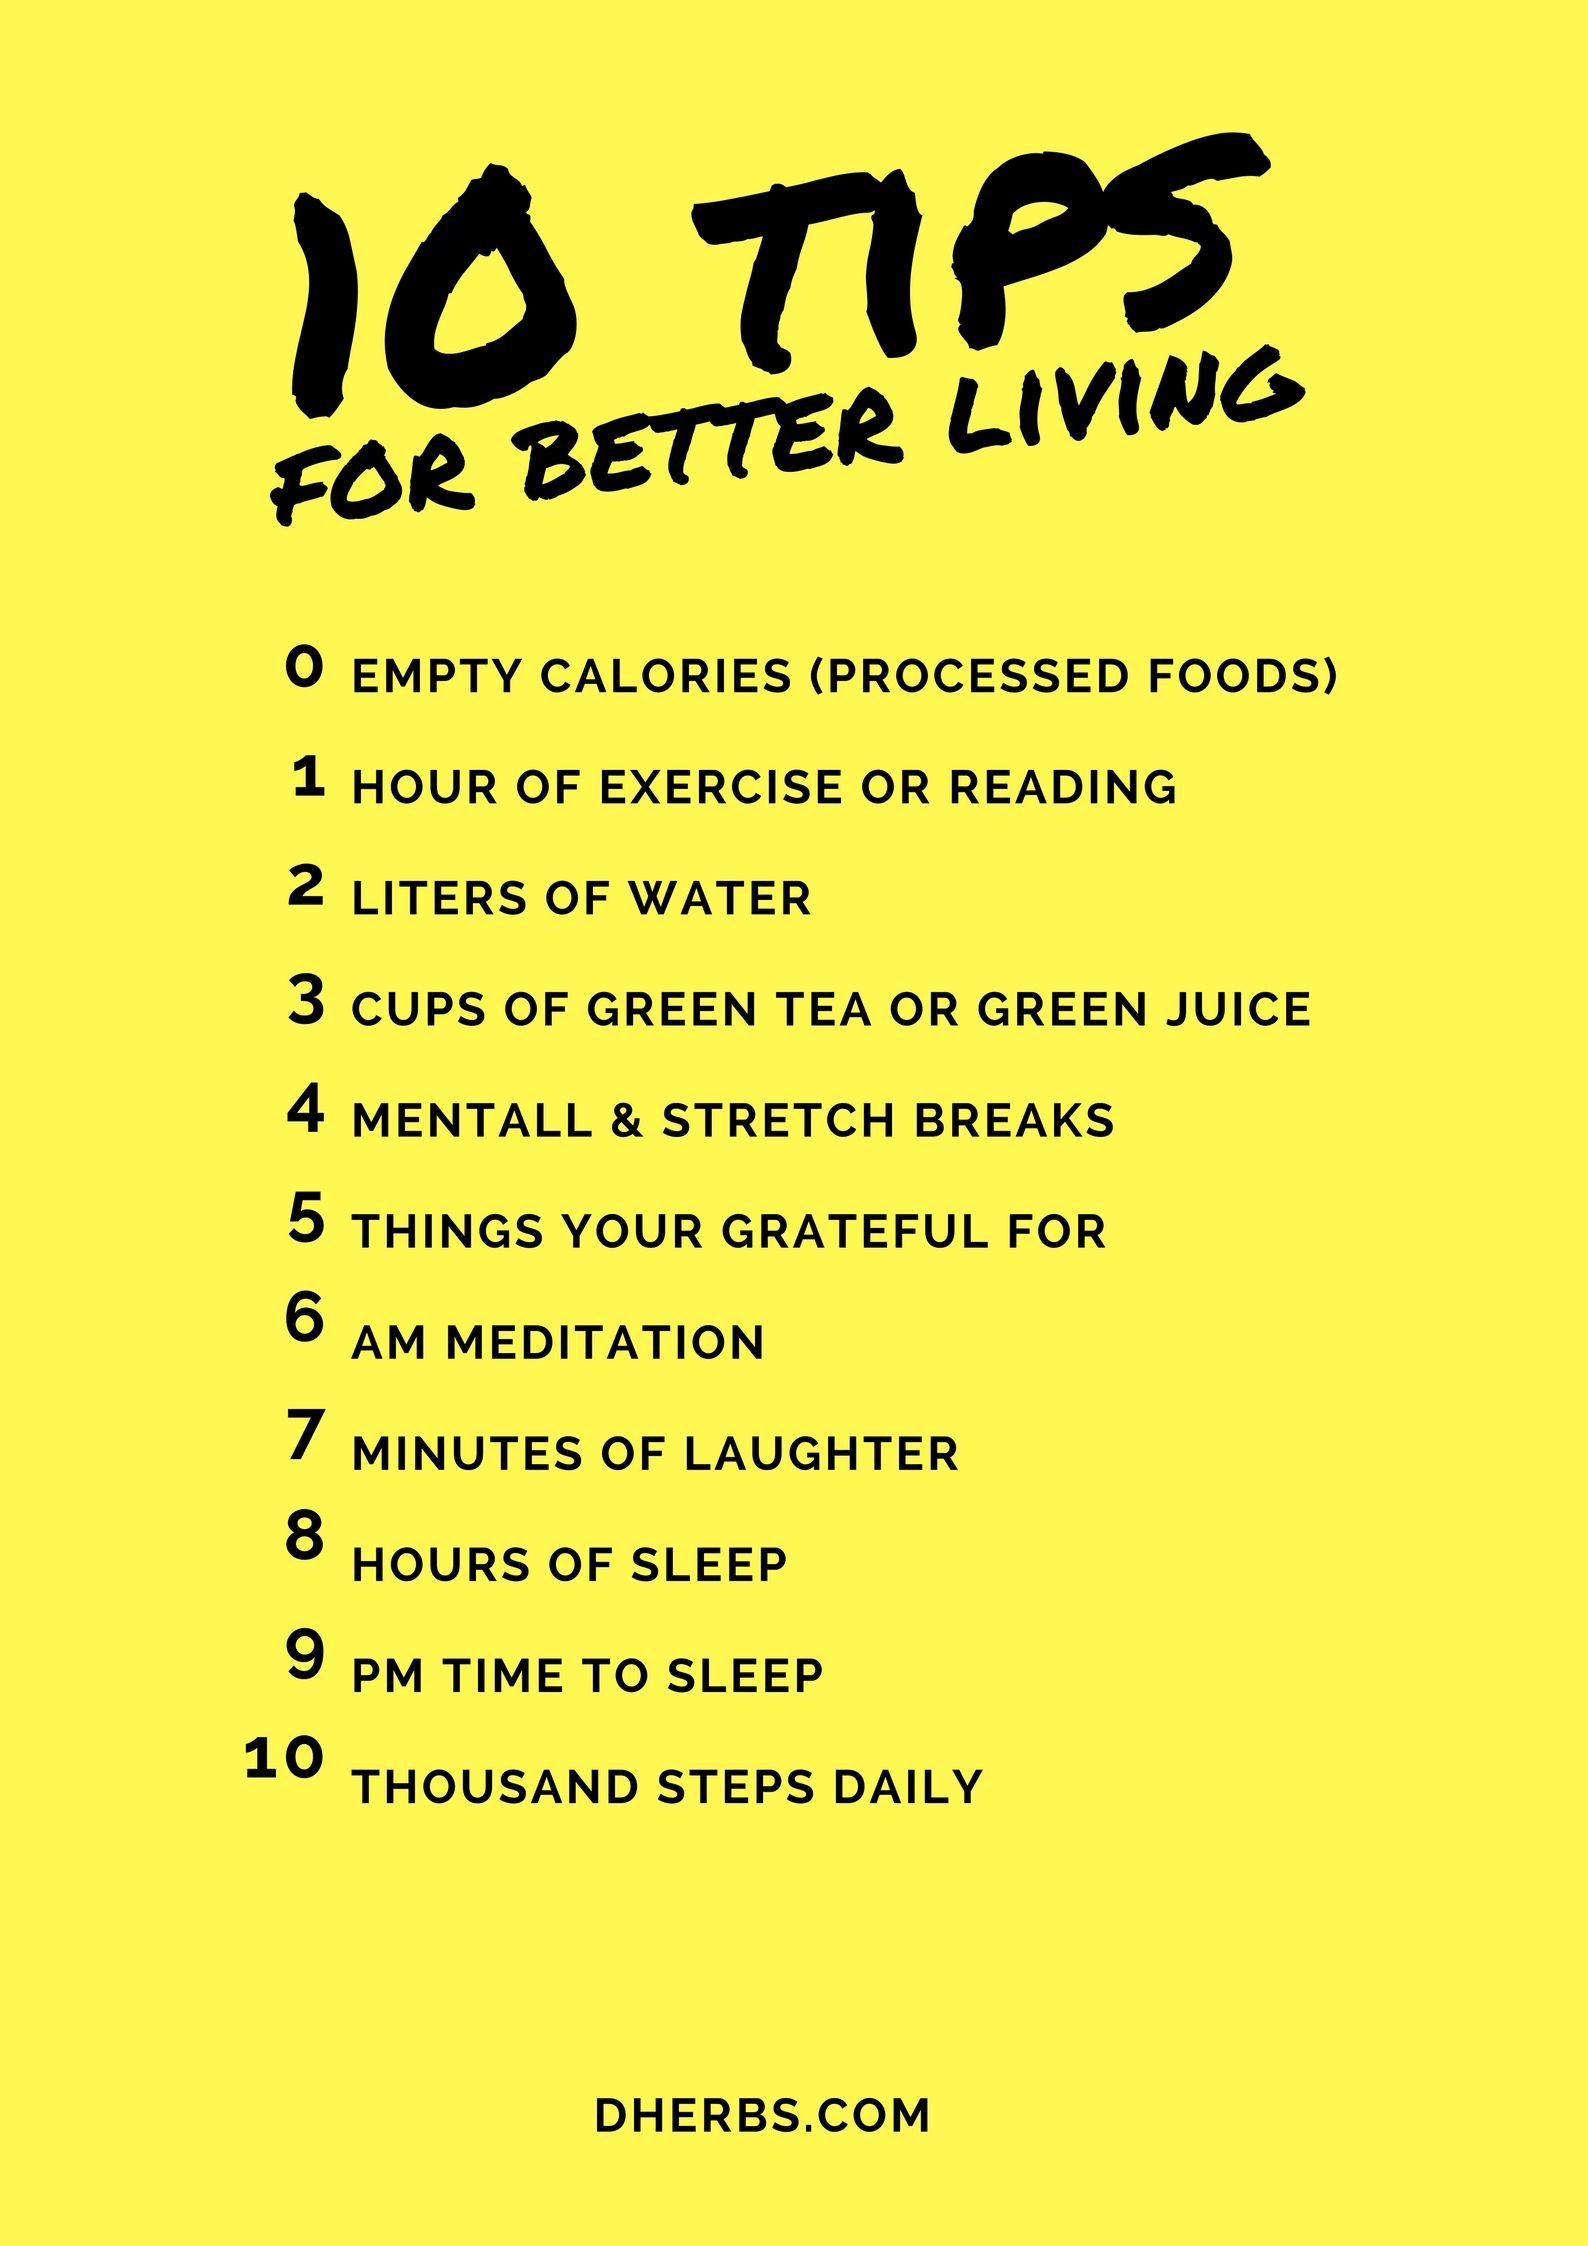 10 tips for better living